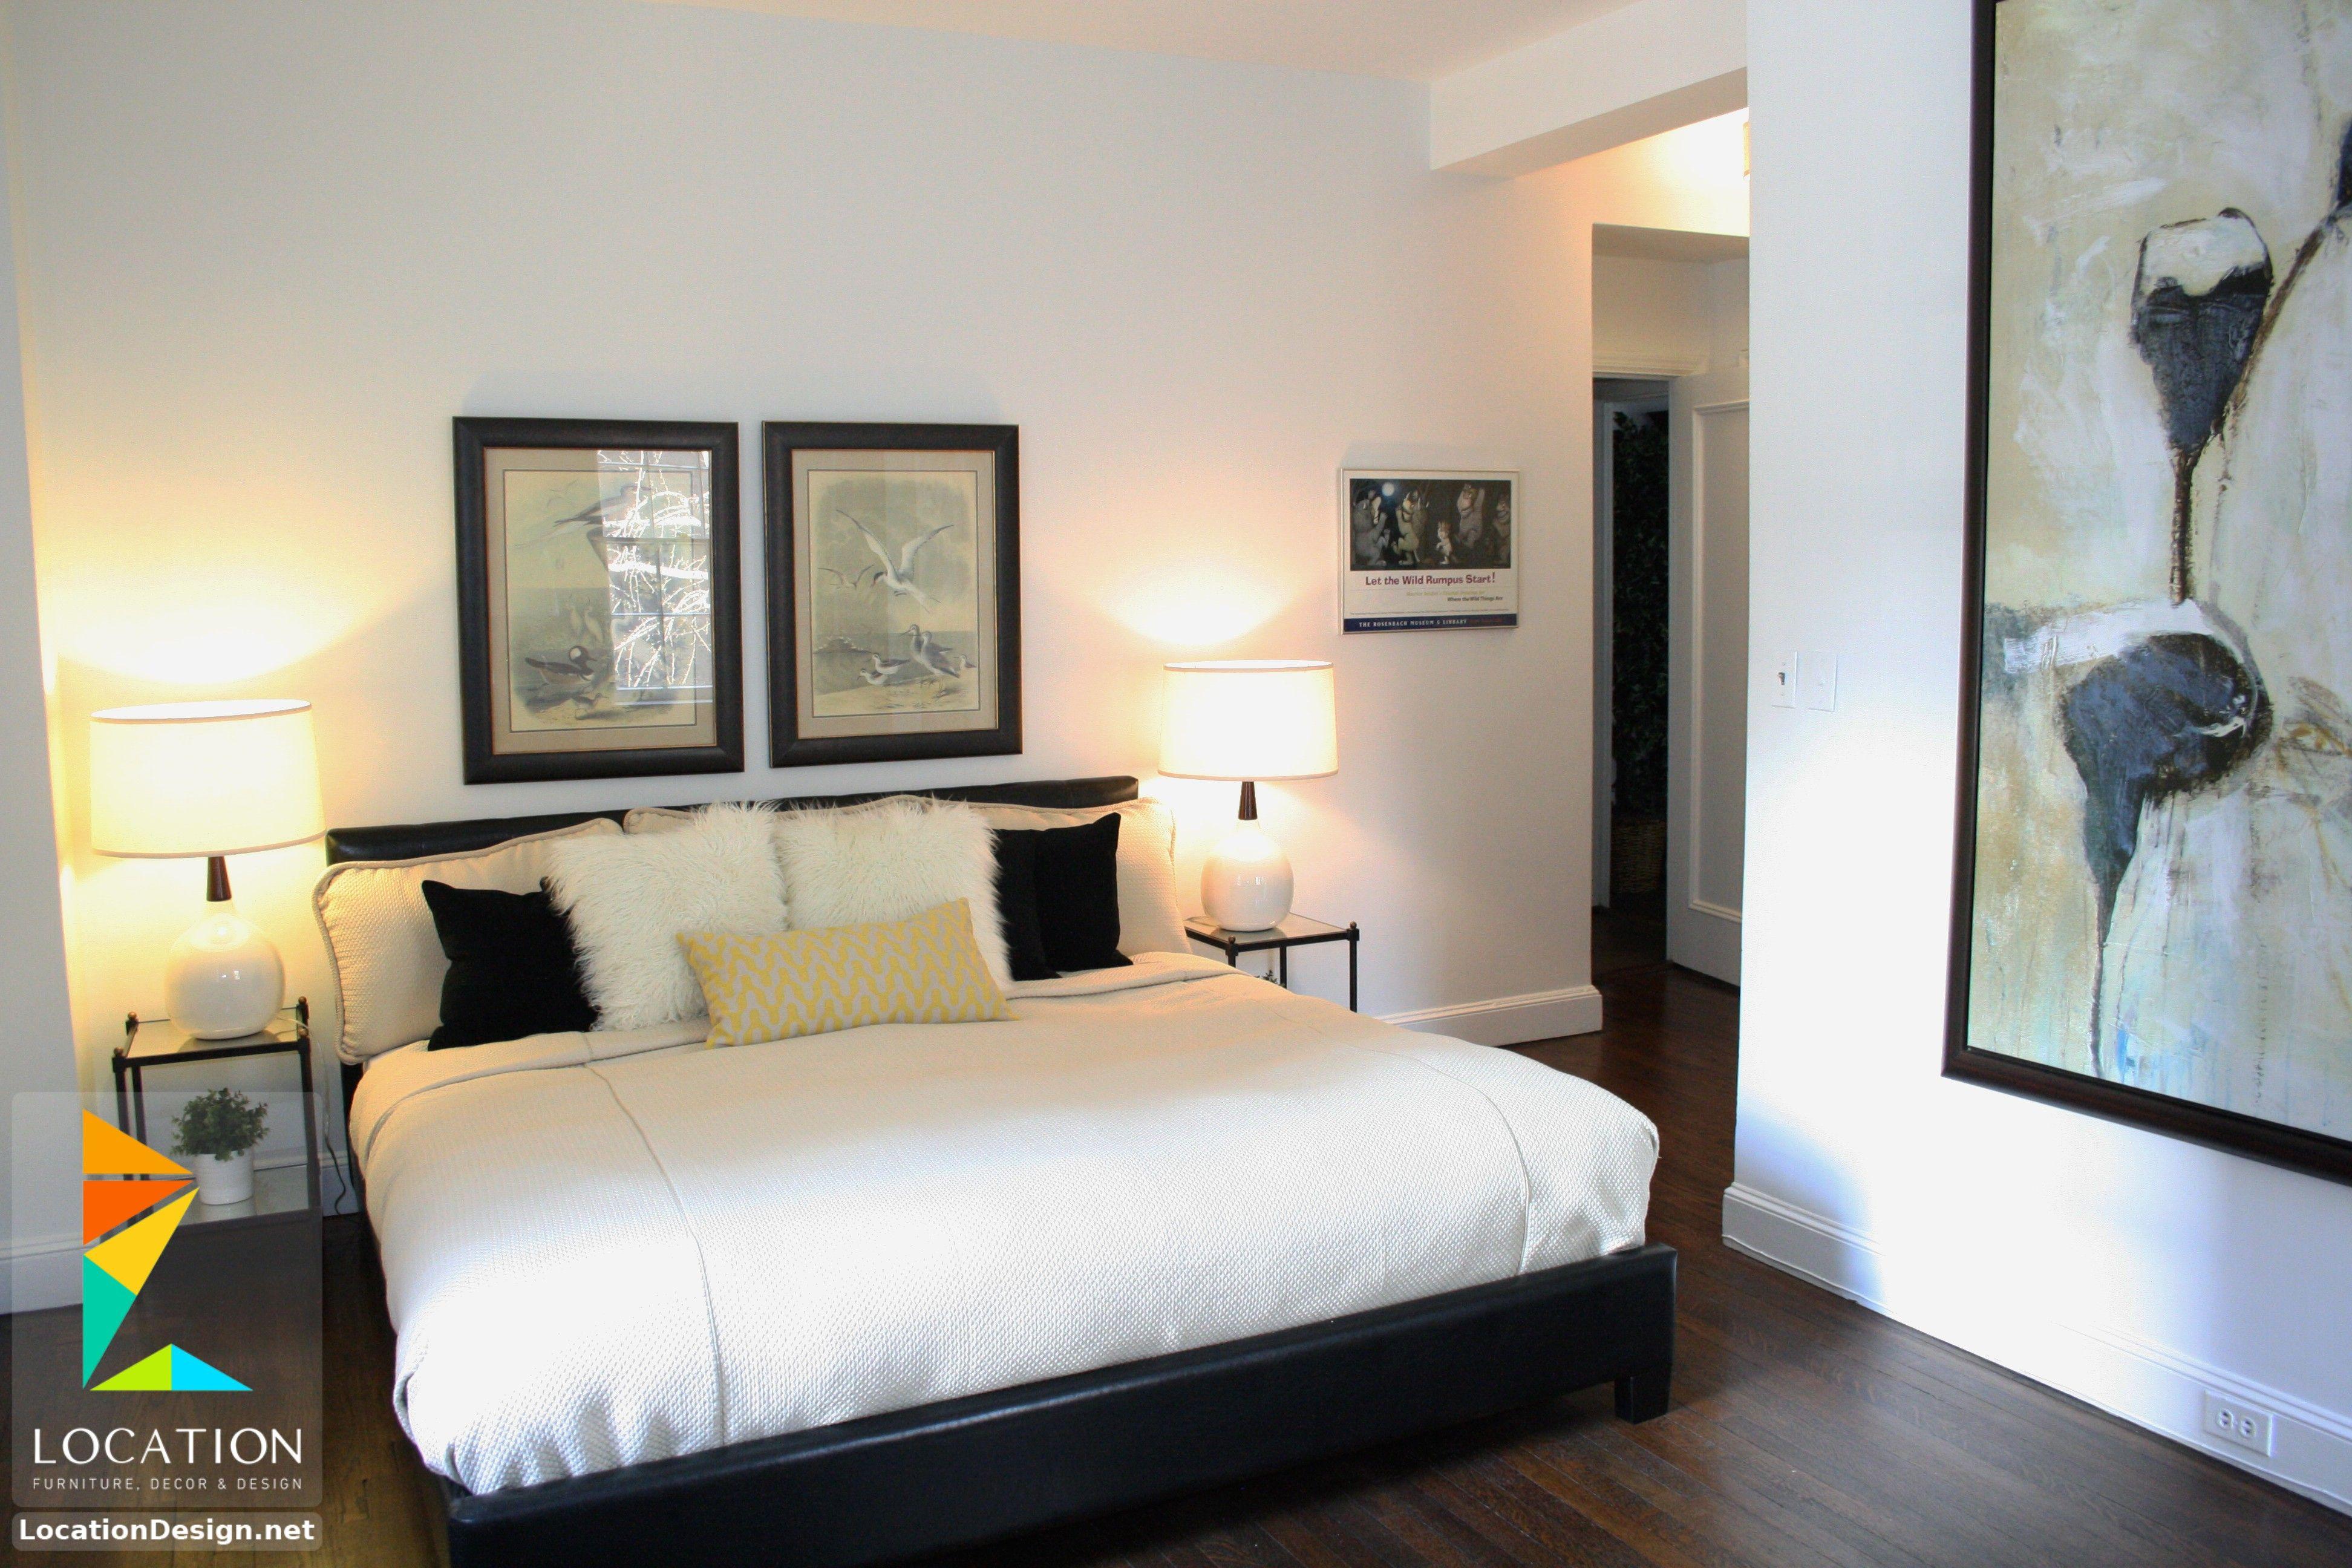 ديكورات غرف نوم صغيرة وبسيطة لوكشين ديزين نت Small Bedroom Layout Bedroom Interior Small Room Bedroom